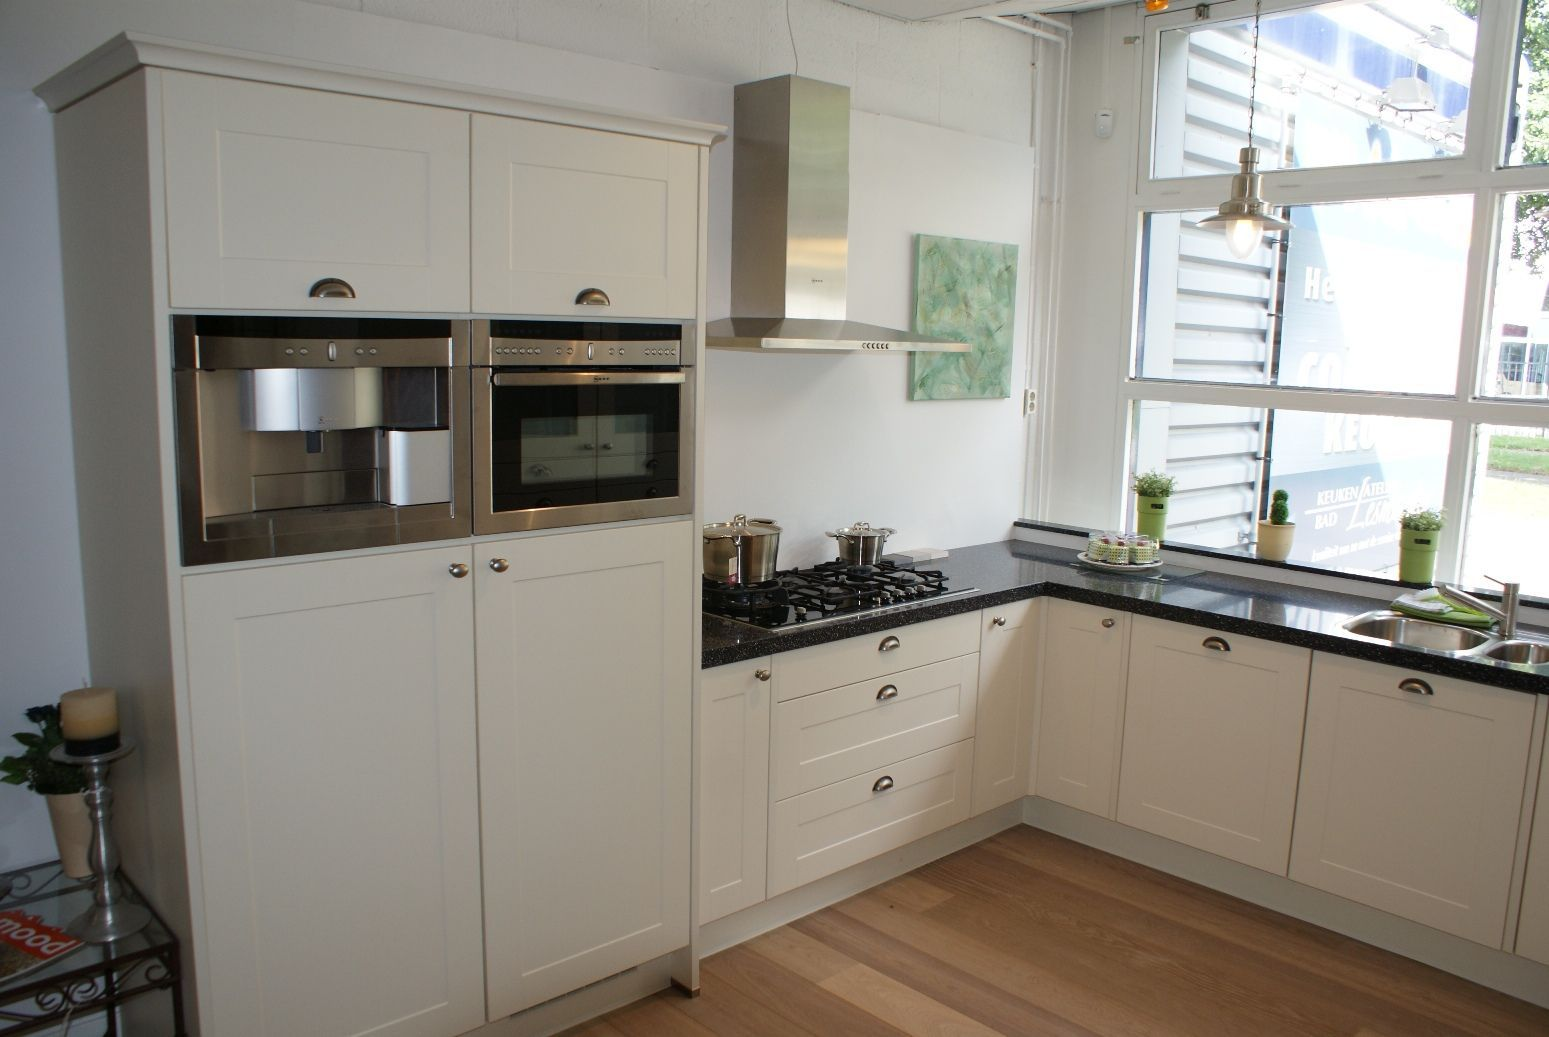 Keuken U Vorm : Keuken u vorm google zoeken anne keuken in